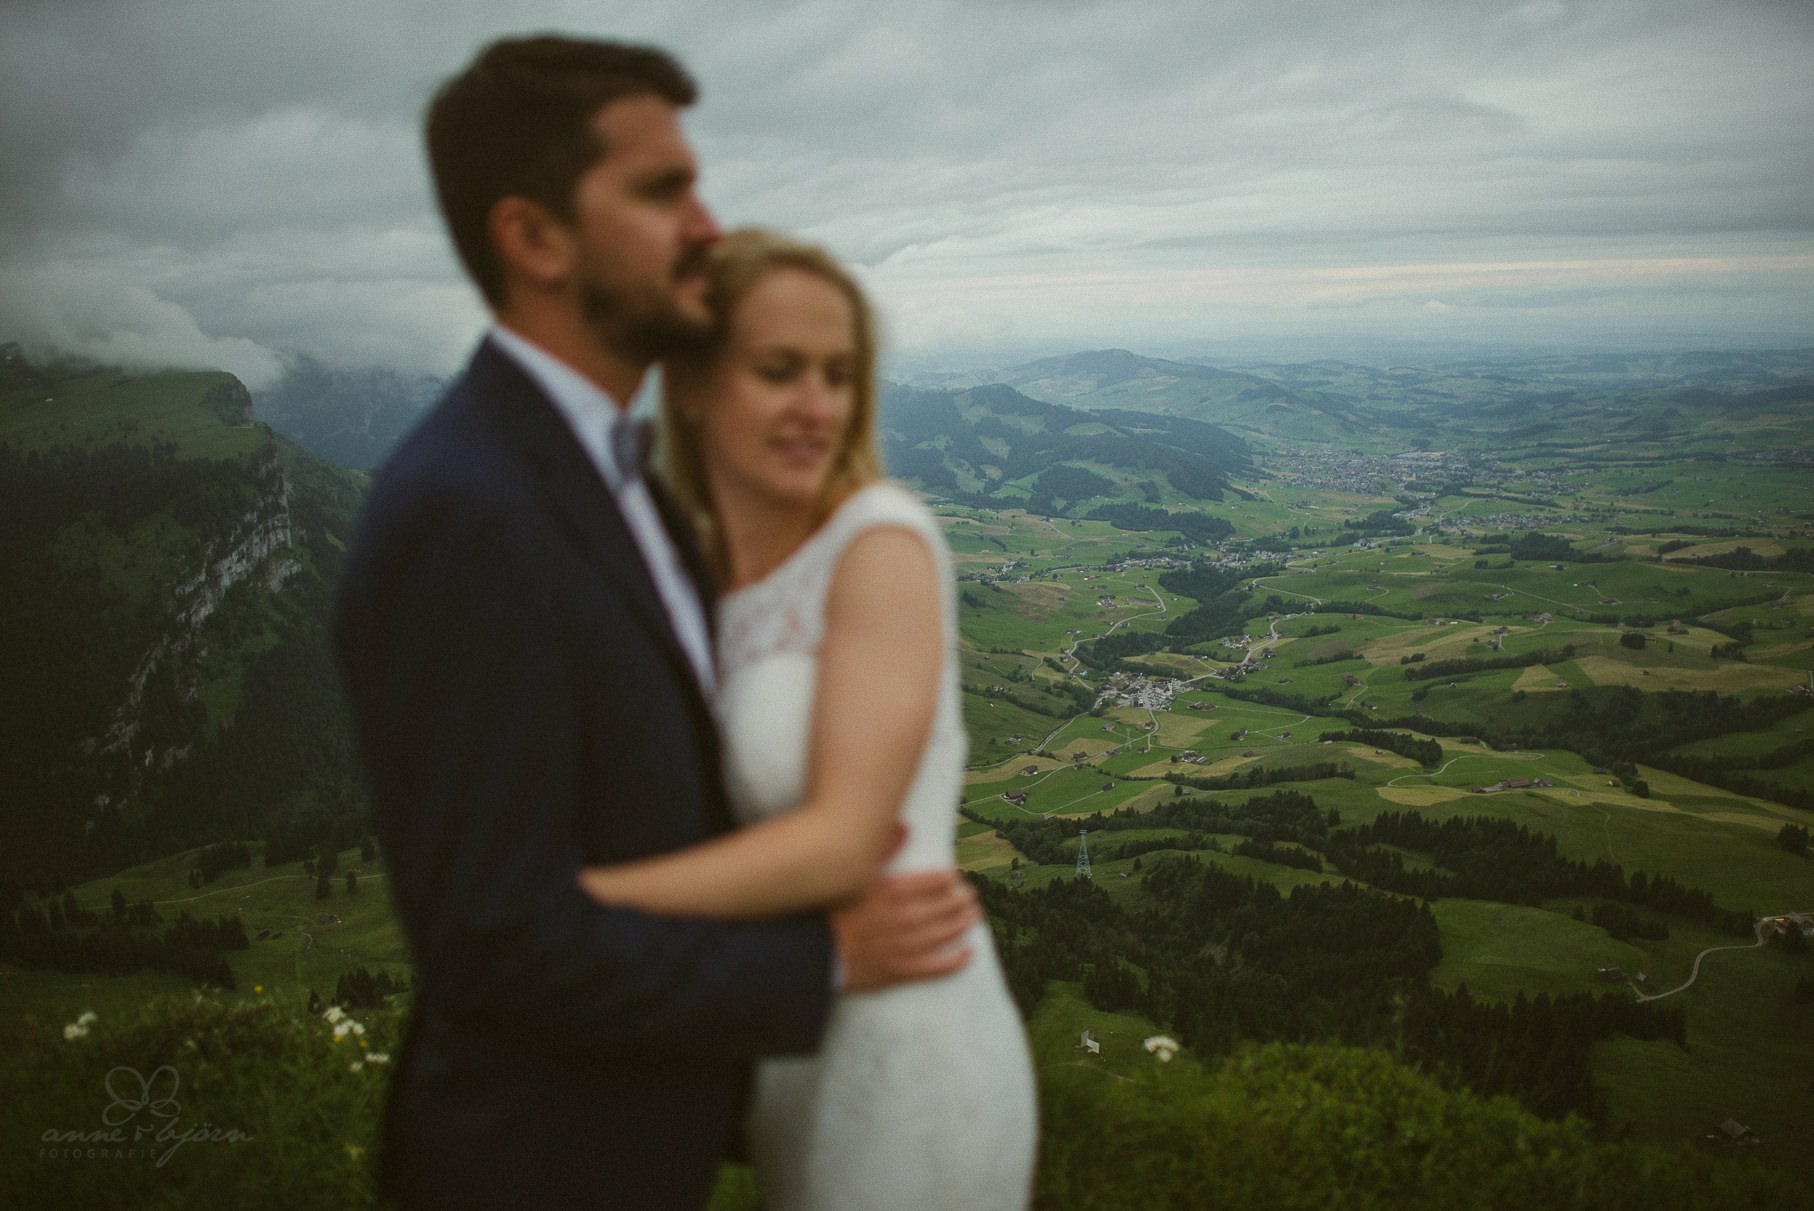 0016 anne und bjoern suc schweiz d75 3035 - After Wedding Shooting in der Schweiz - Sabrina & Christoph